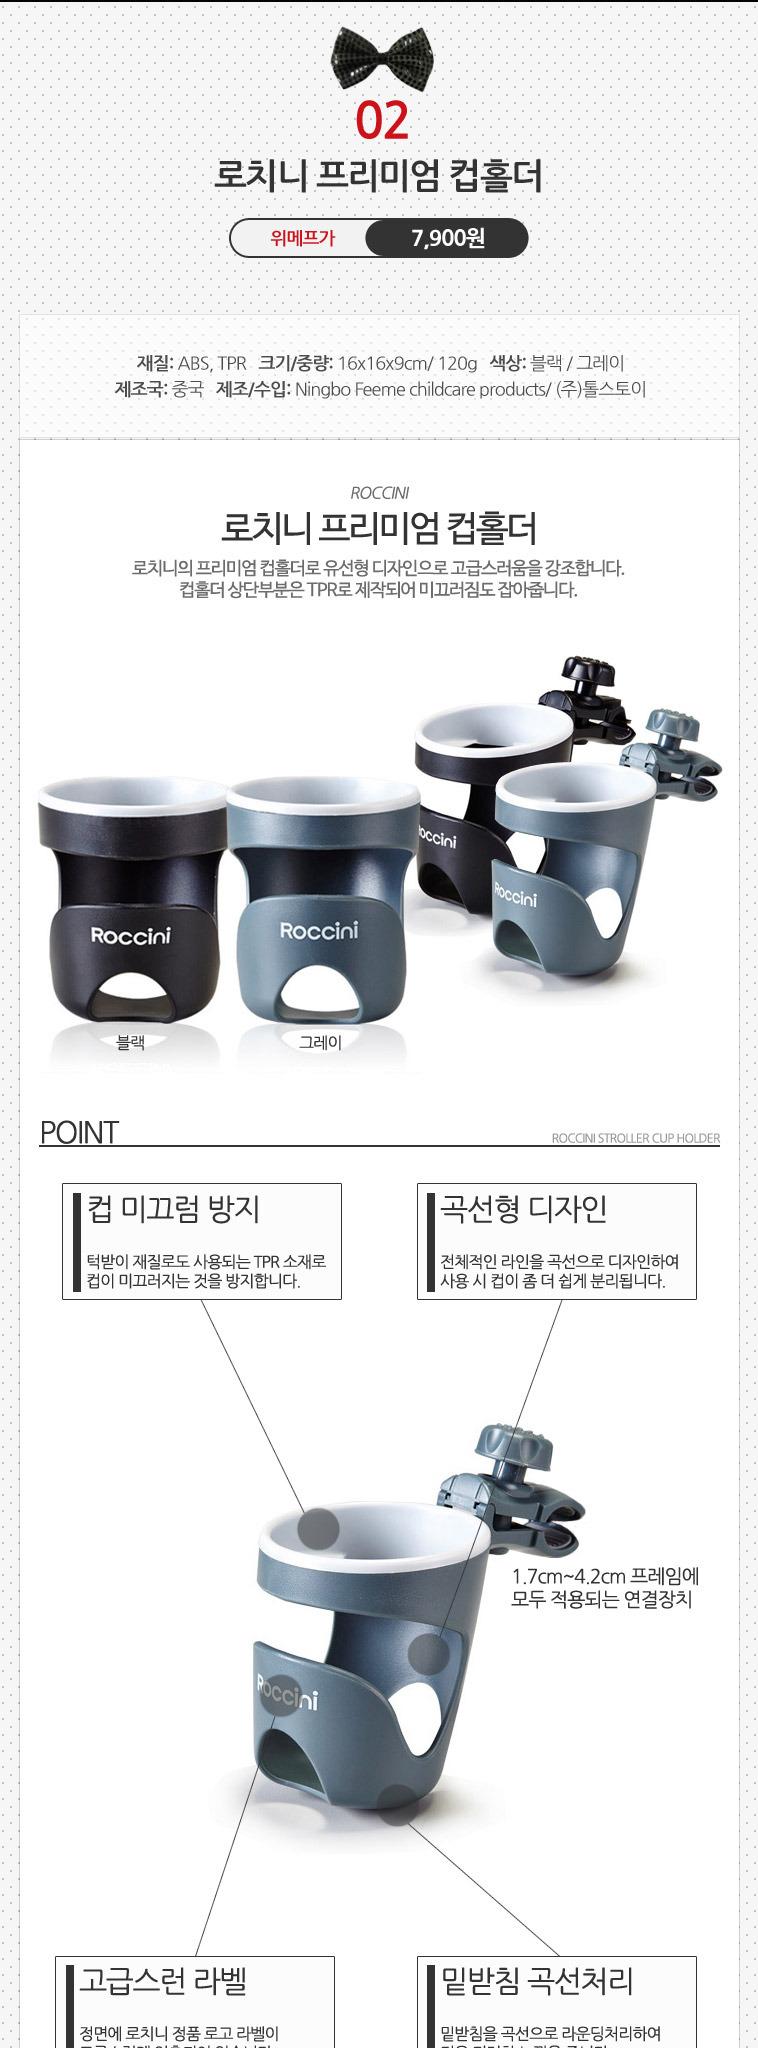 유모차걸이/정리용품 모음전 특가♡ - 상세정보